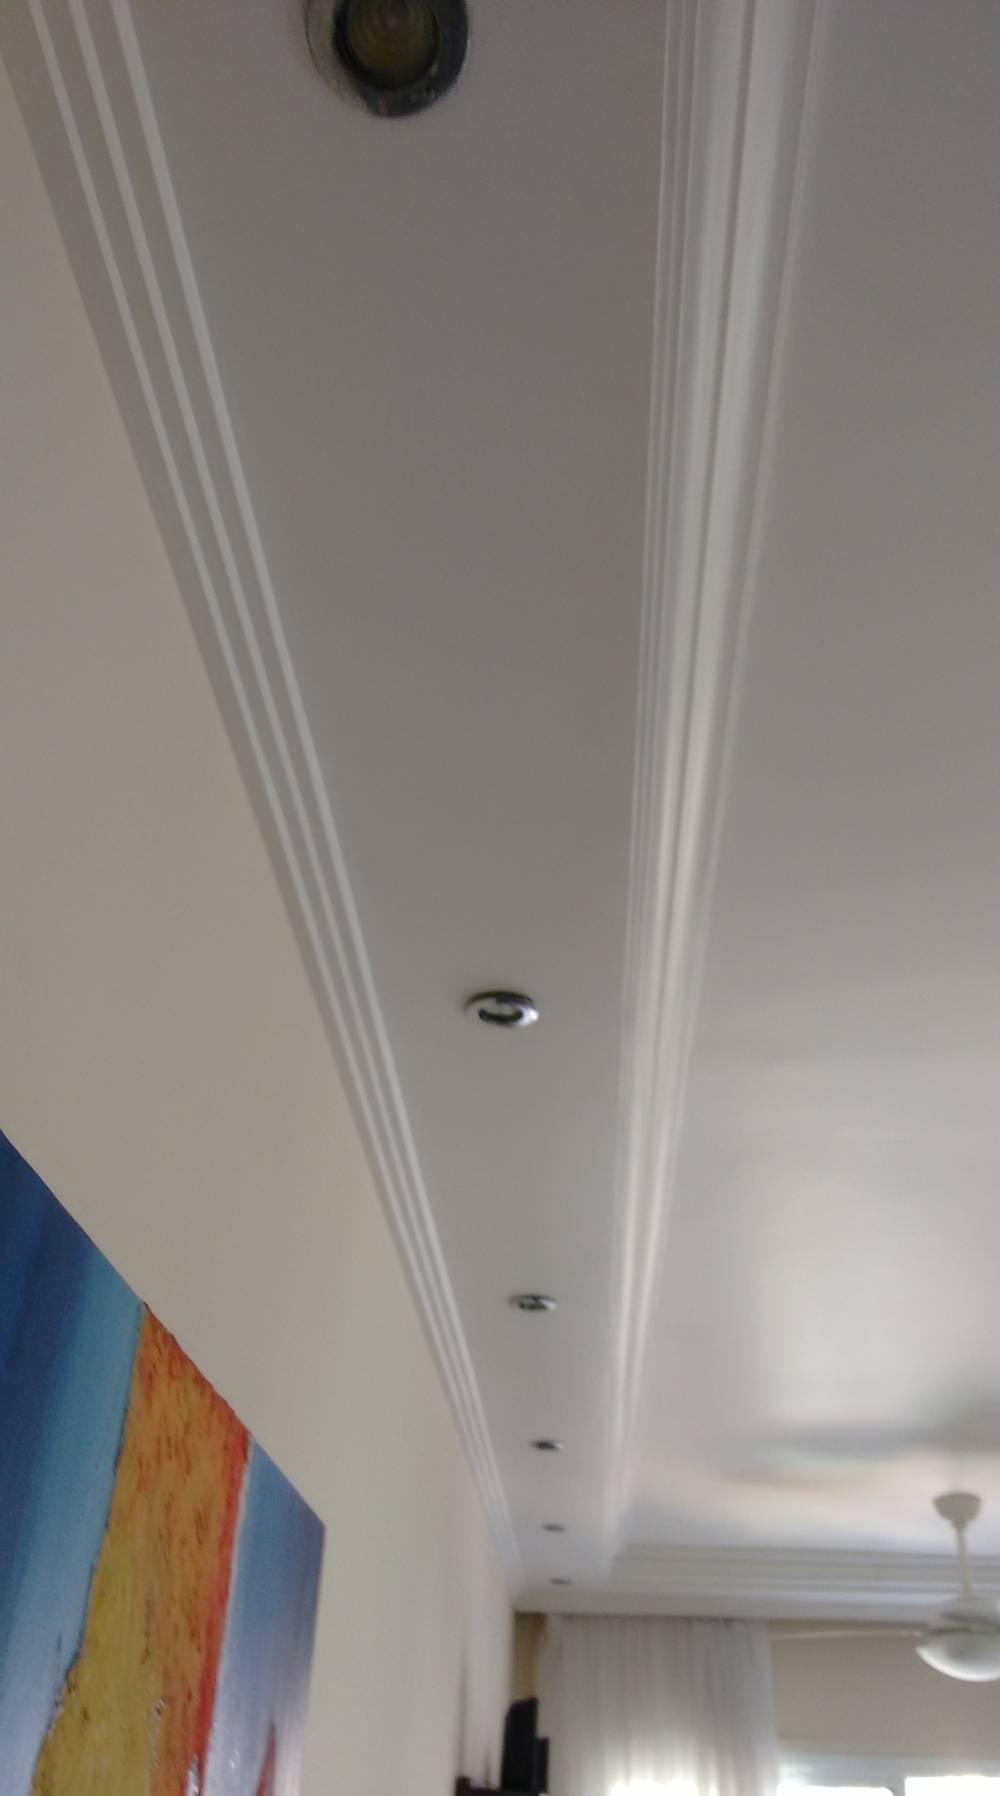 Preciso de Empresa para Instalação Elétrica Residencial na Vila Gilda - Contratar Eletricista Residencial